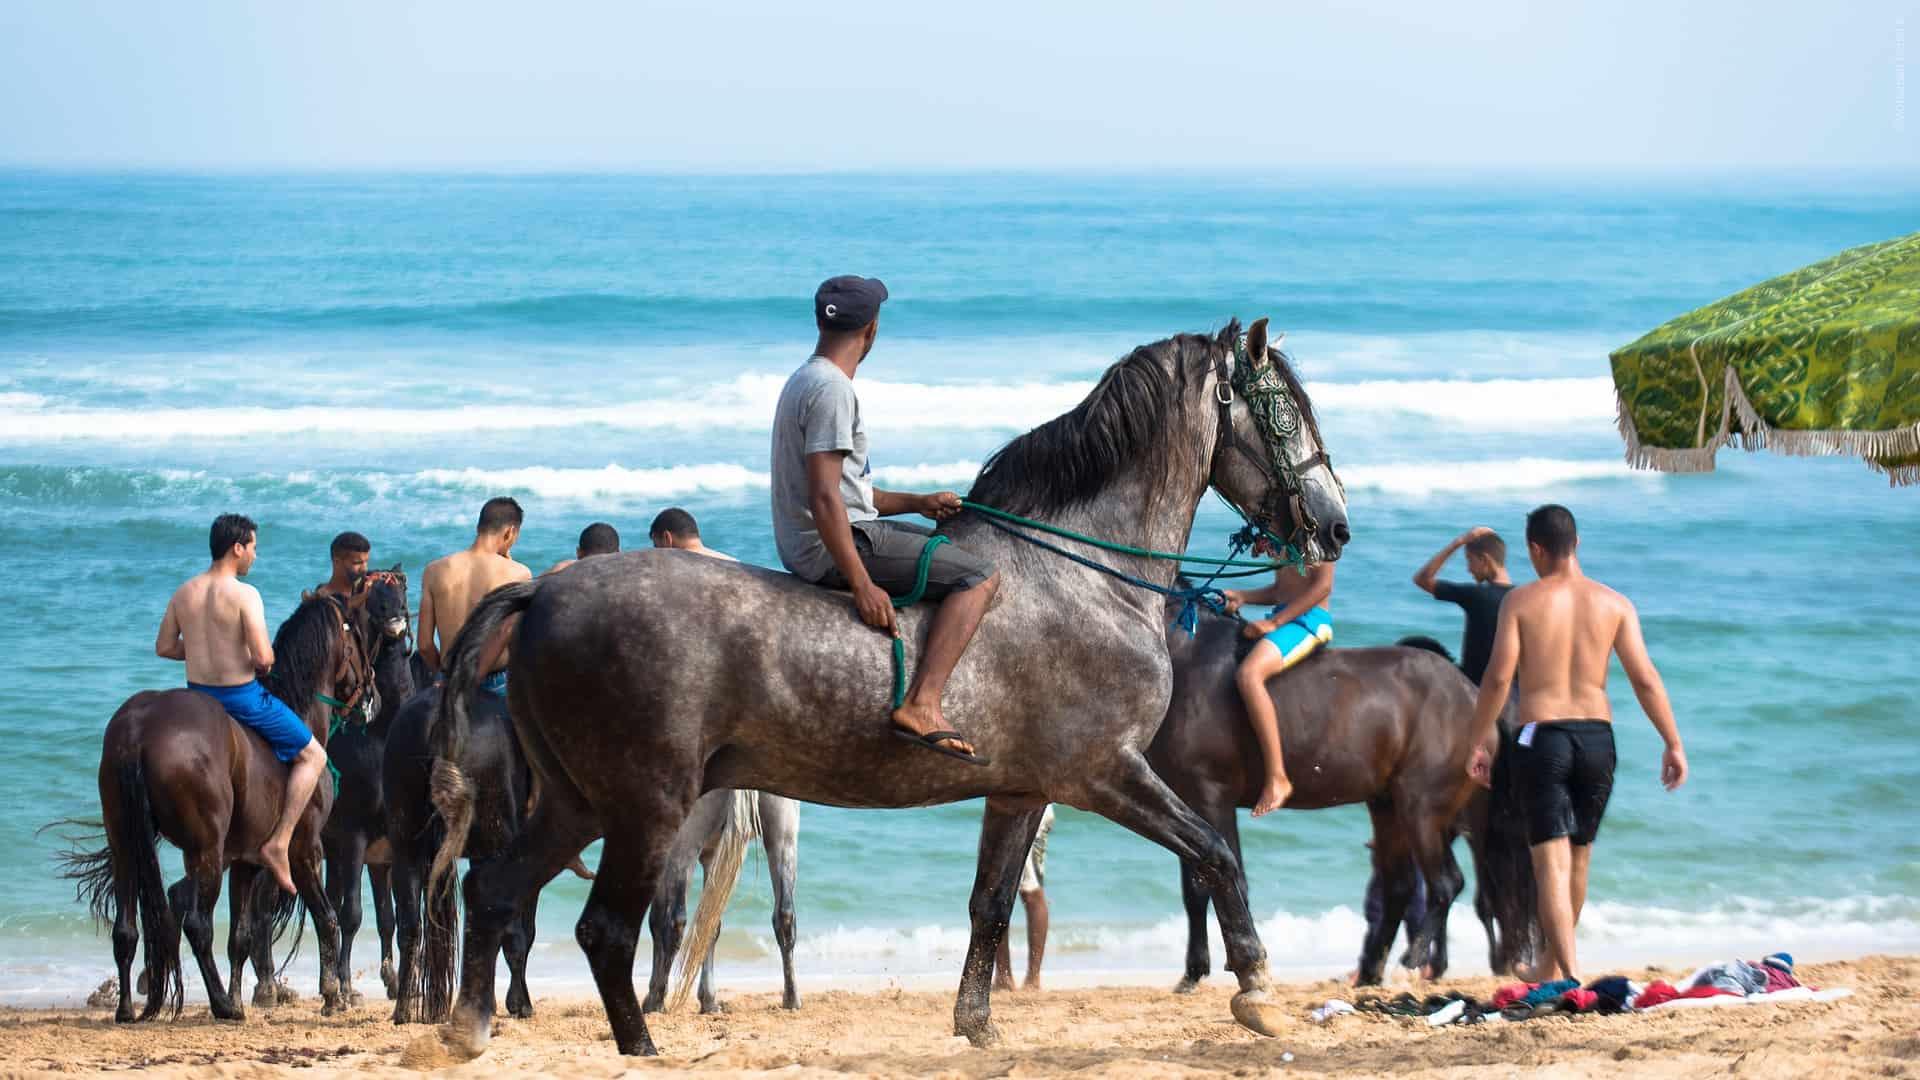 2 Wochen Agadir der Strand ist ideal um mit dem Pferd zu reiten bei der 12 Kilomete rlänge